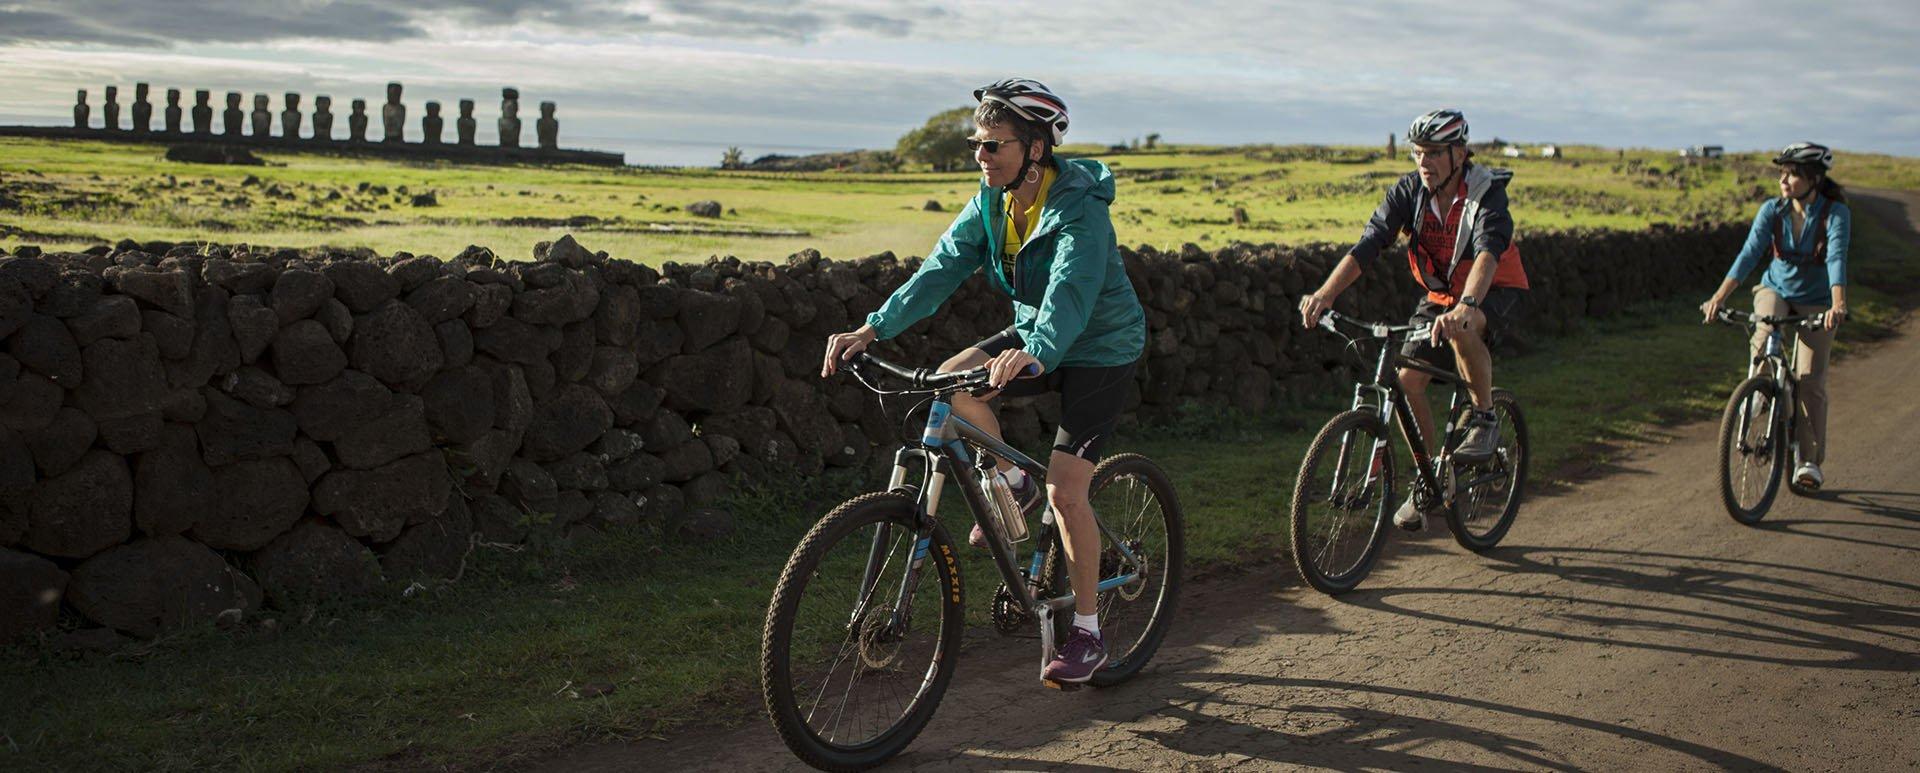 Bike Ride Tongarik